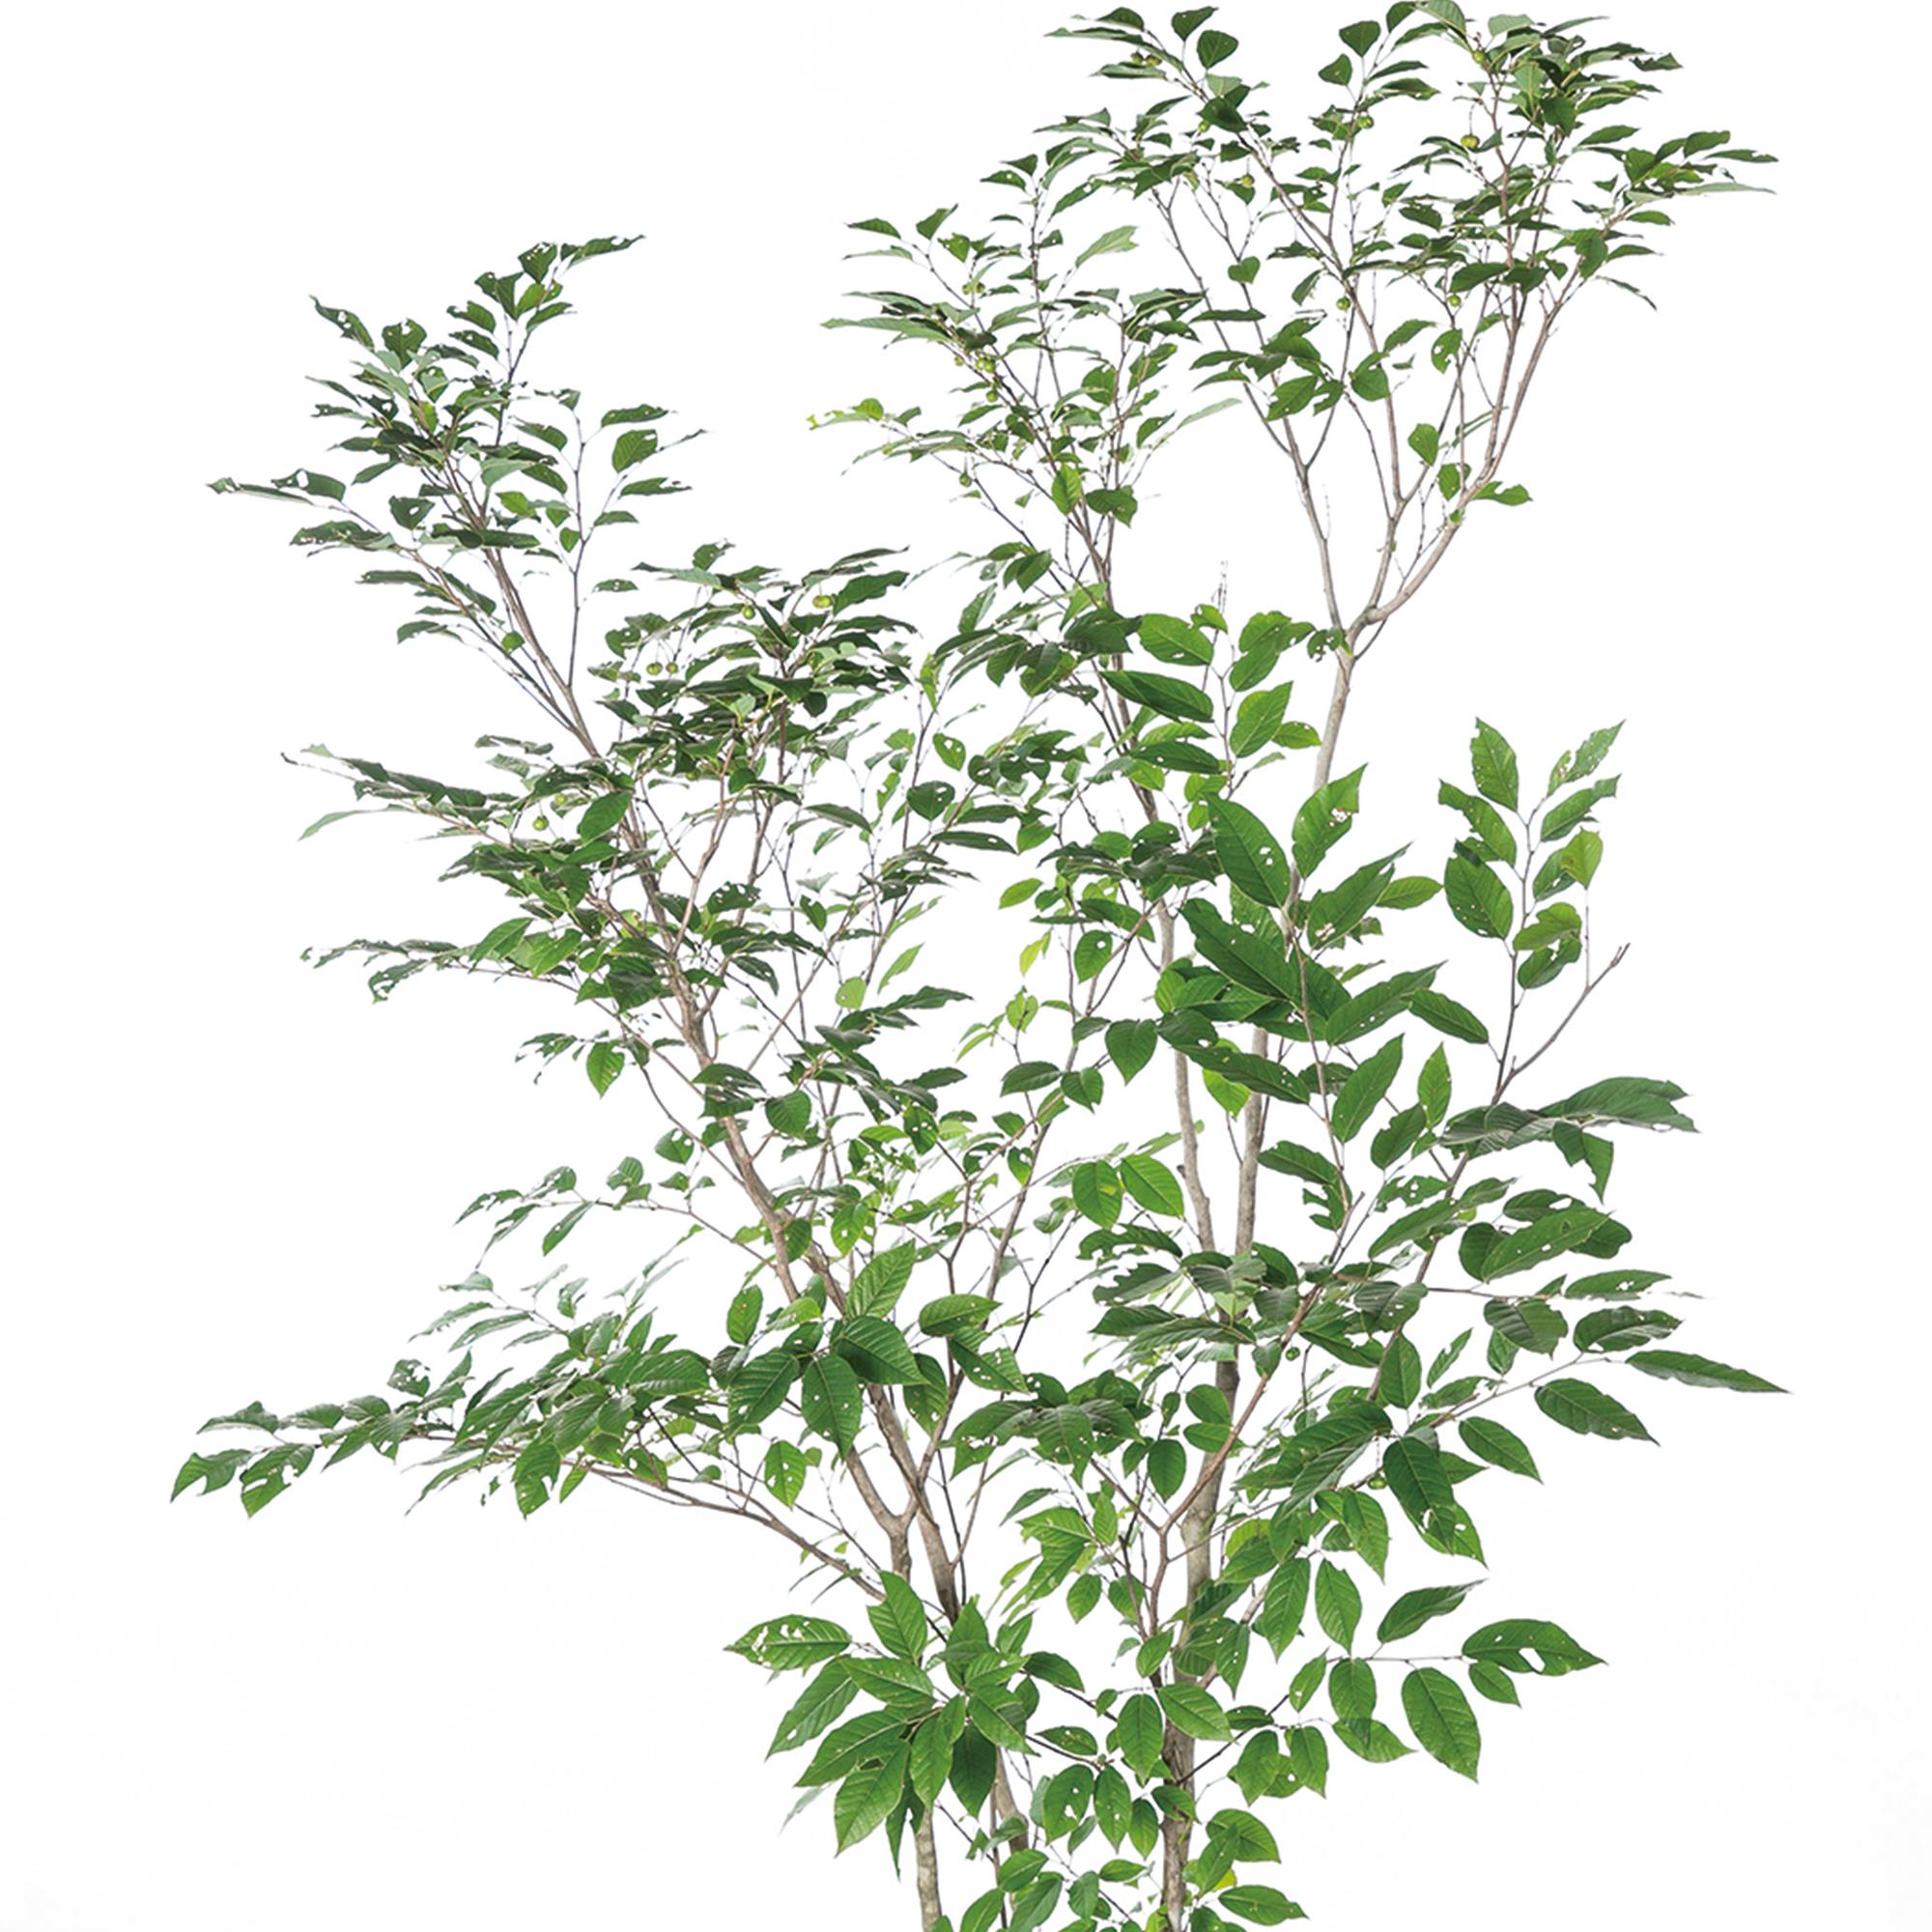 シラキ 植栽 お庭 ガーデン